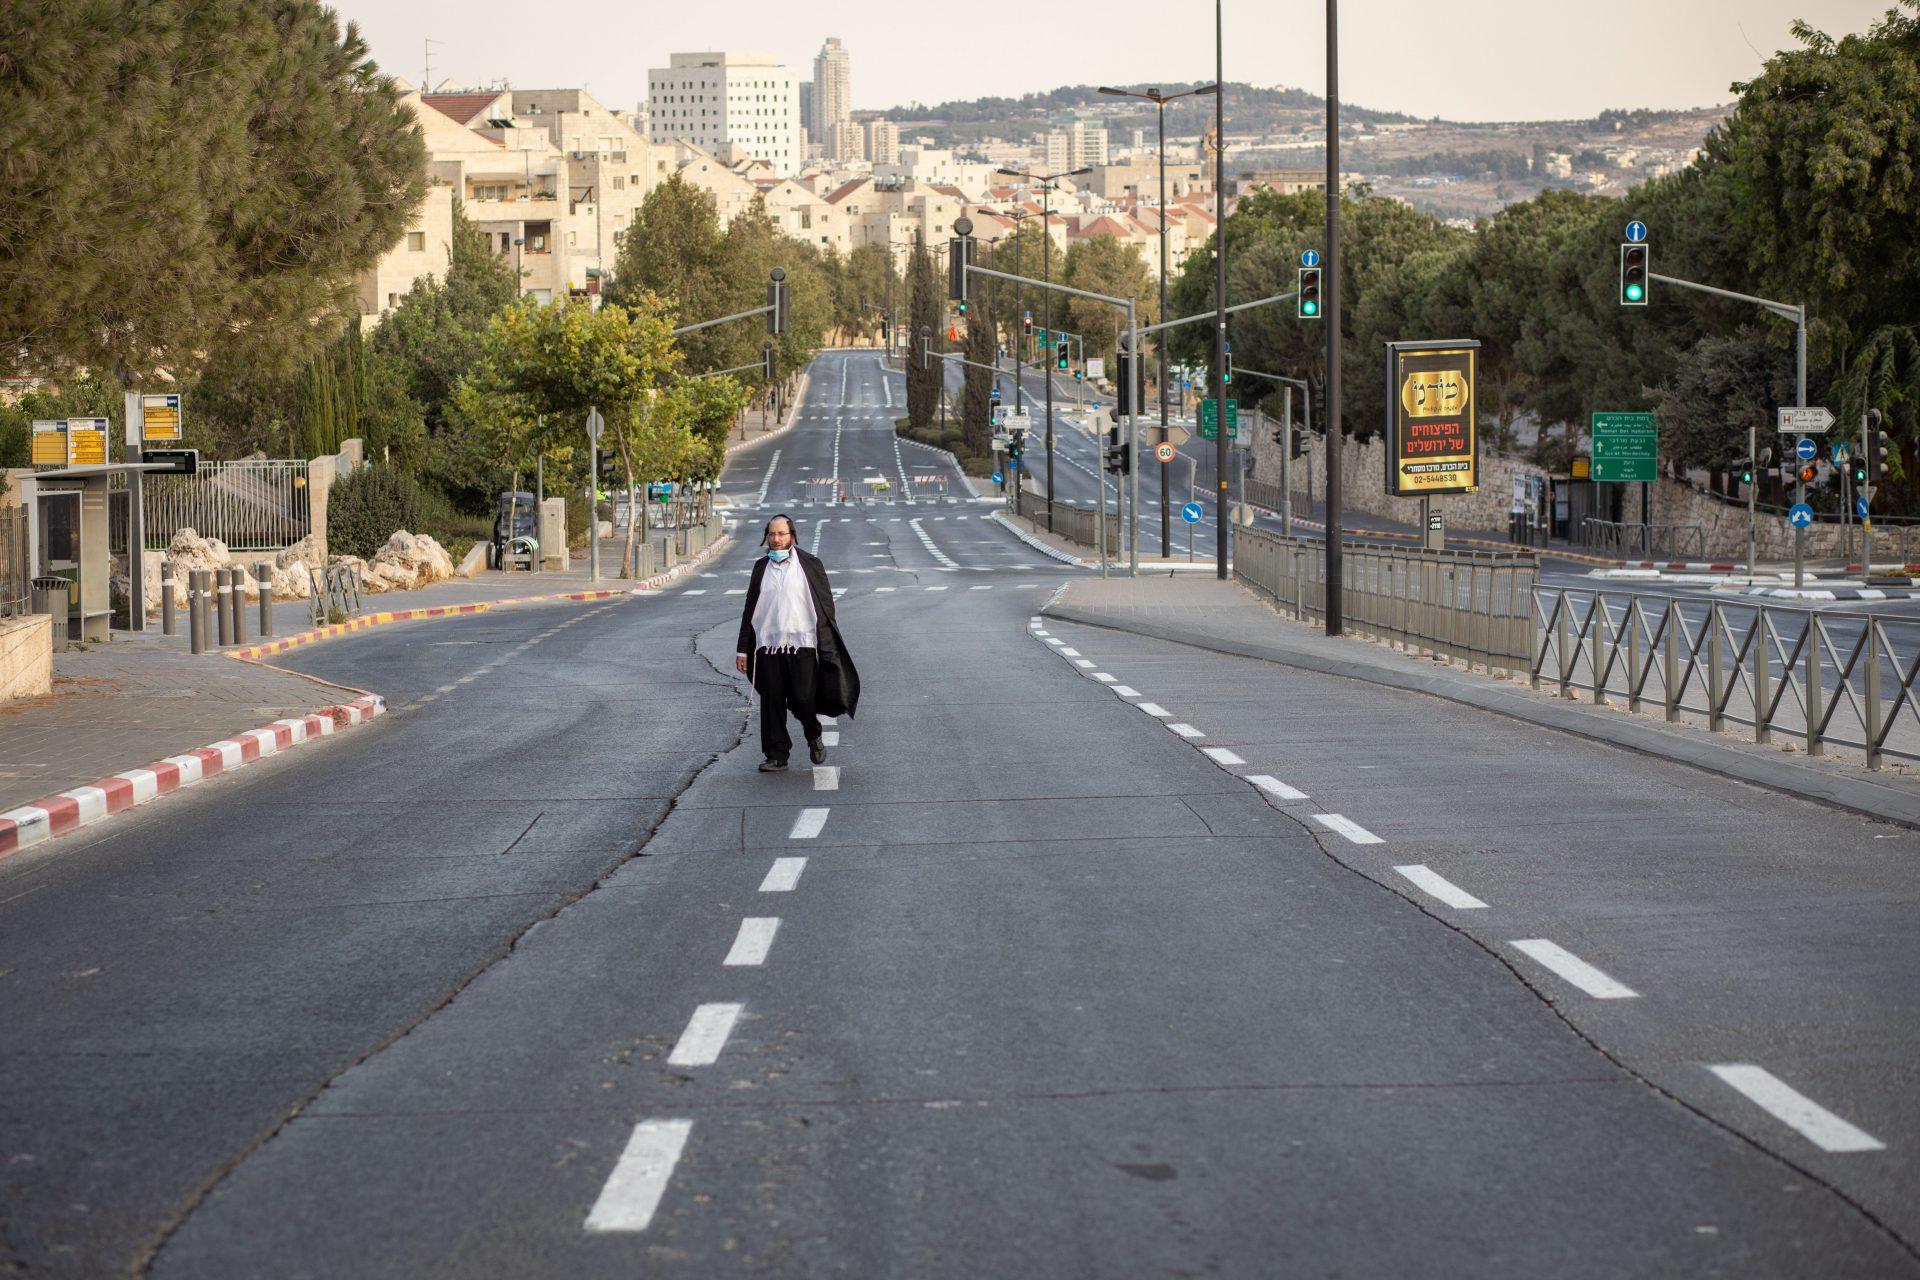 """יום הכיפורים תשפ""""א בצל הסגר: כוחות המשטרה בירושלים בכוננות מוגברת"""